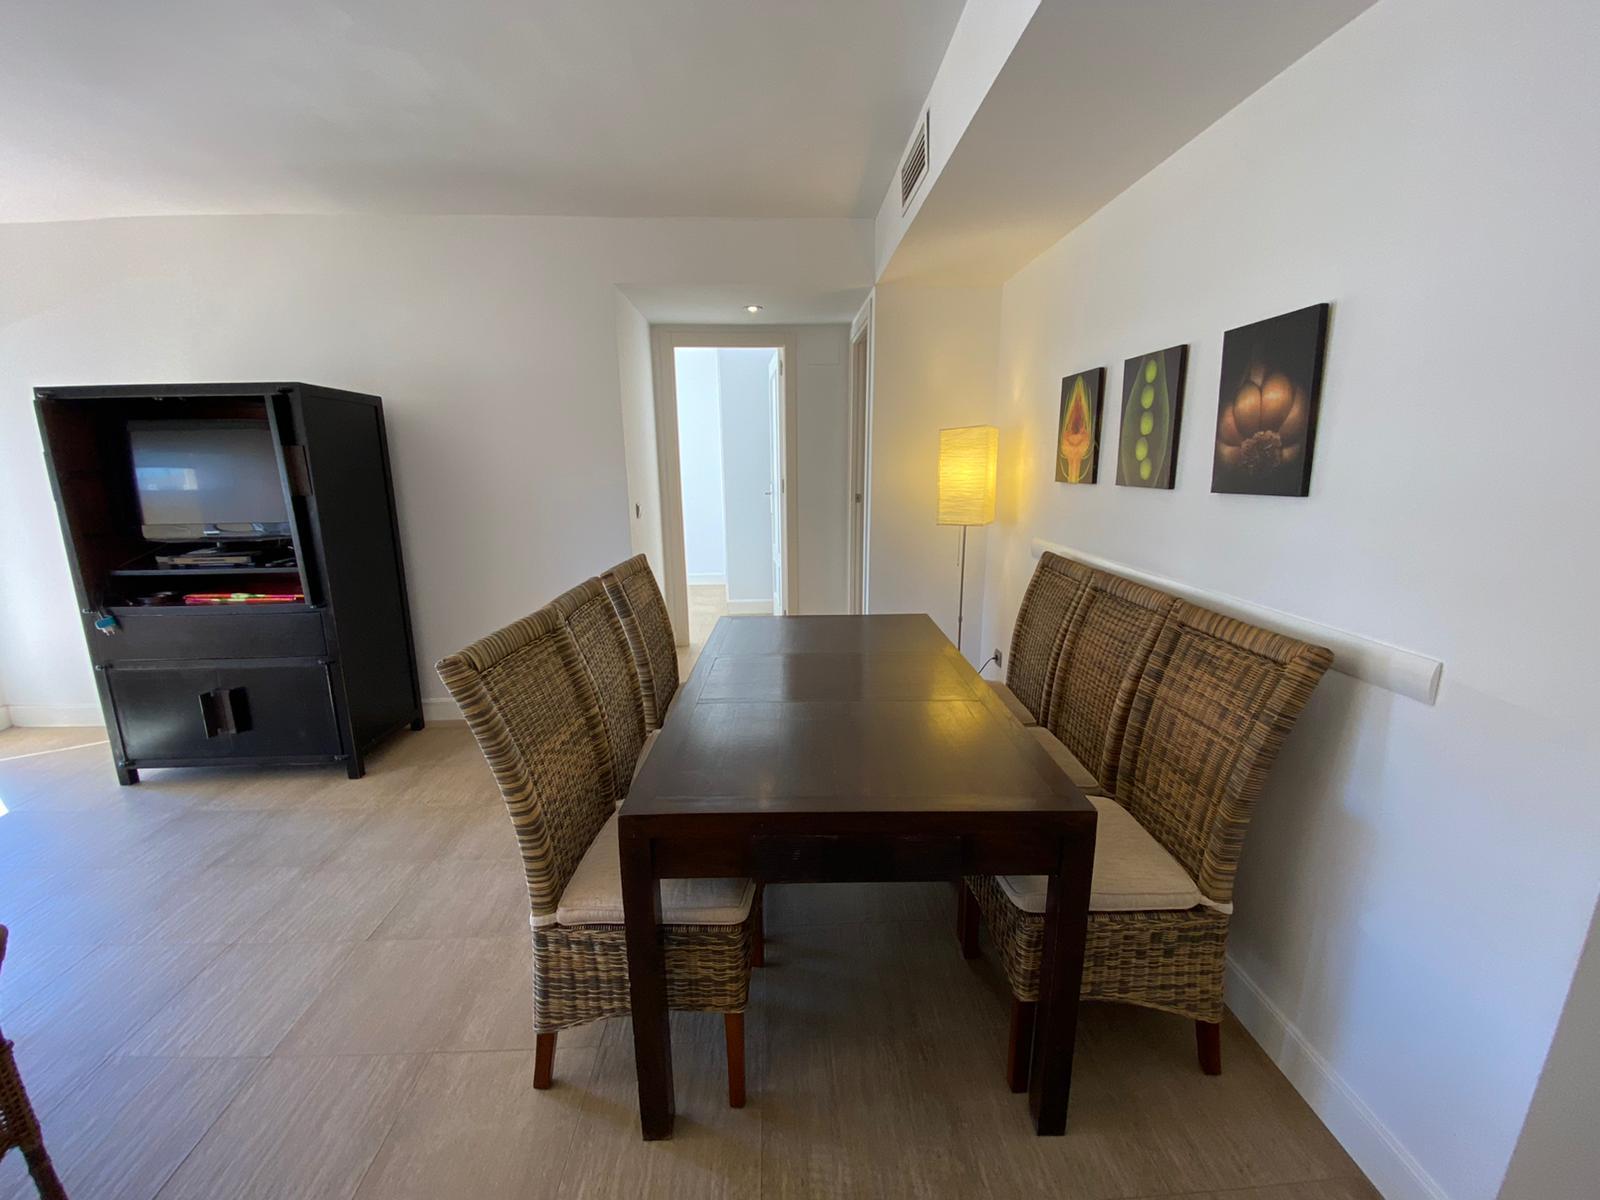 Imagen 4 del Apartamento Turístico, Ático 6 Poniente (3d+2b), Punta del Moral (HUELVA), Paseo de la Cruz nº22